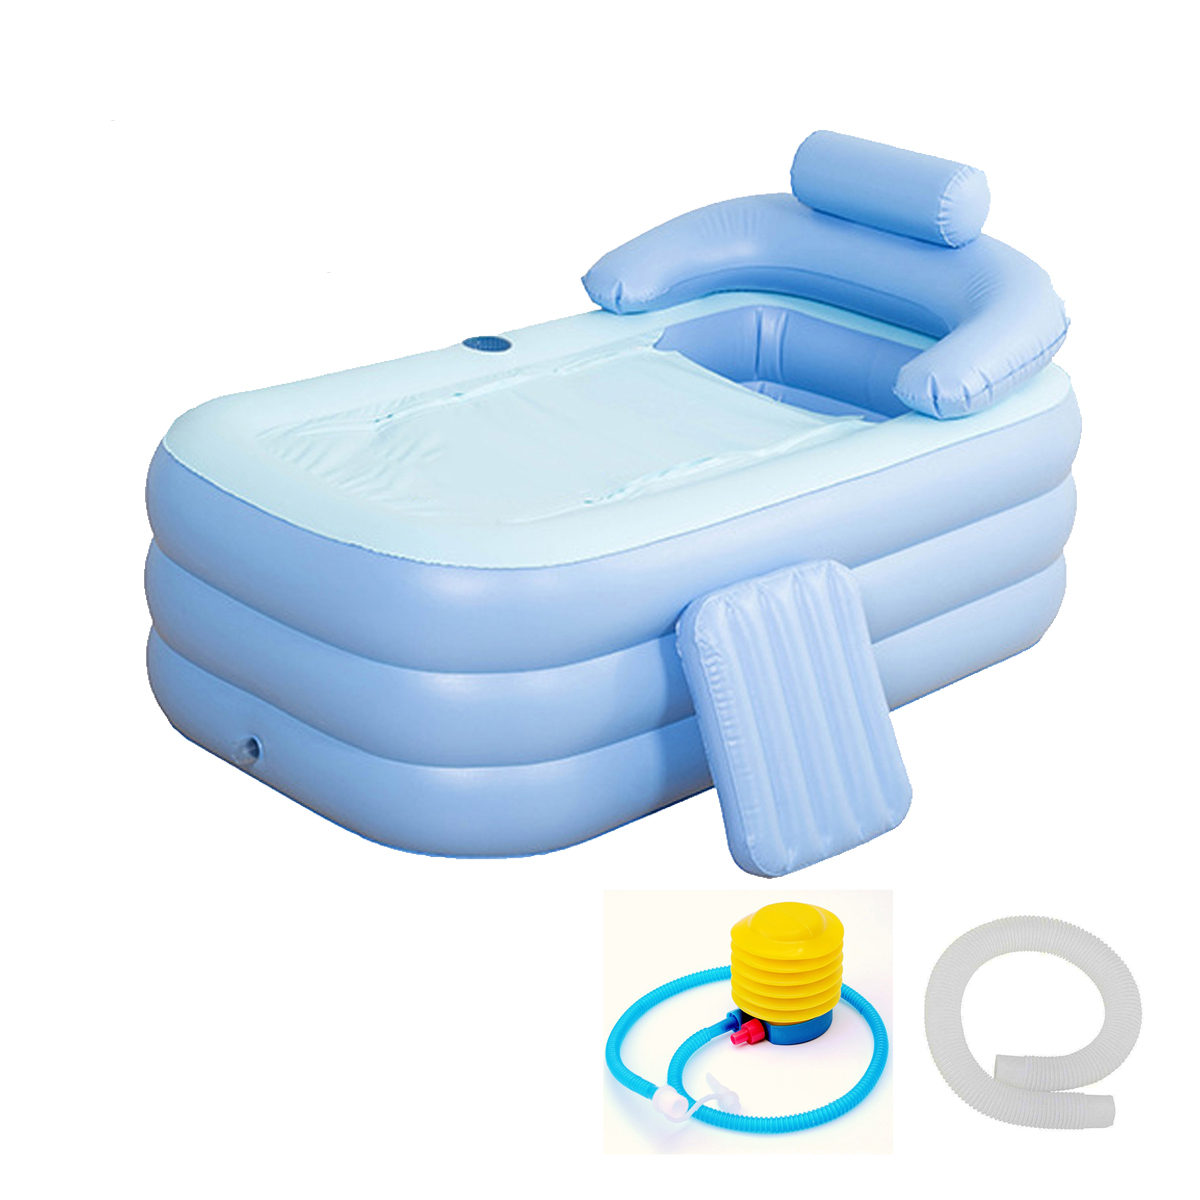 160*84*64 см синий большой размер надувная ванна спа ПВХ Складная портативная для взрослых с воздушным насосом Бытовая надувная Ванна